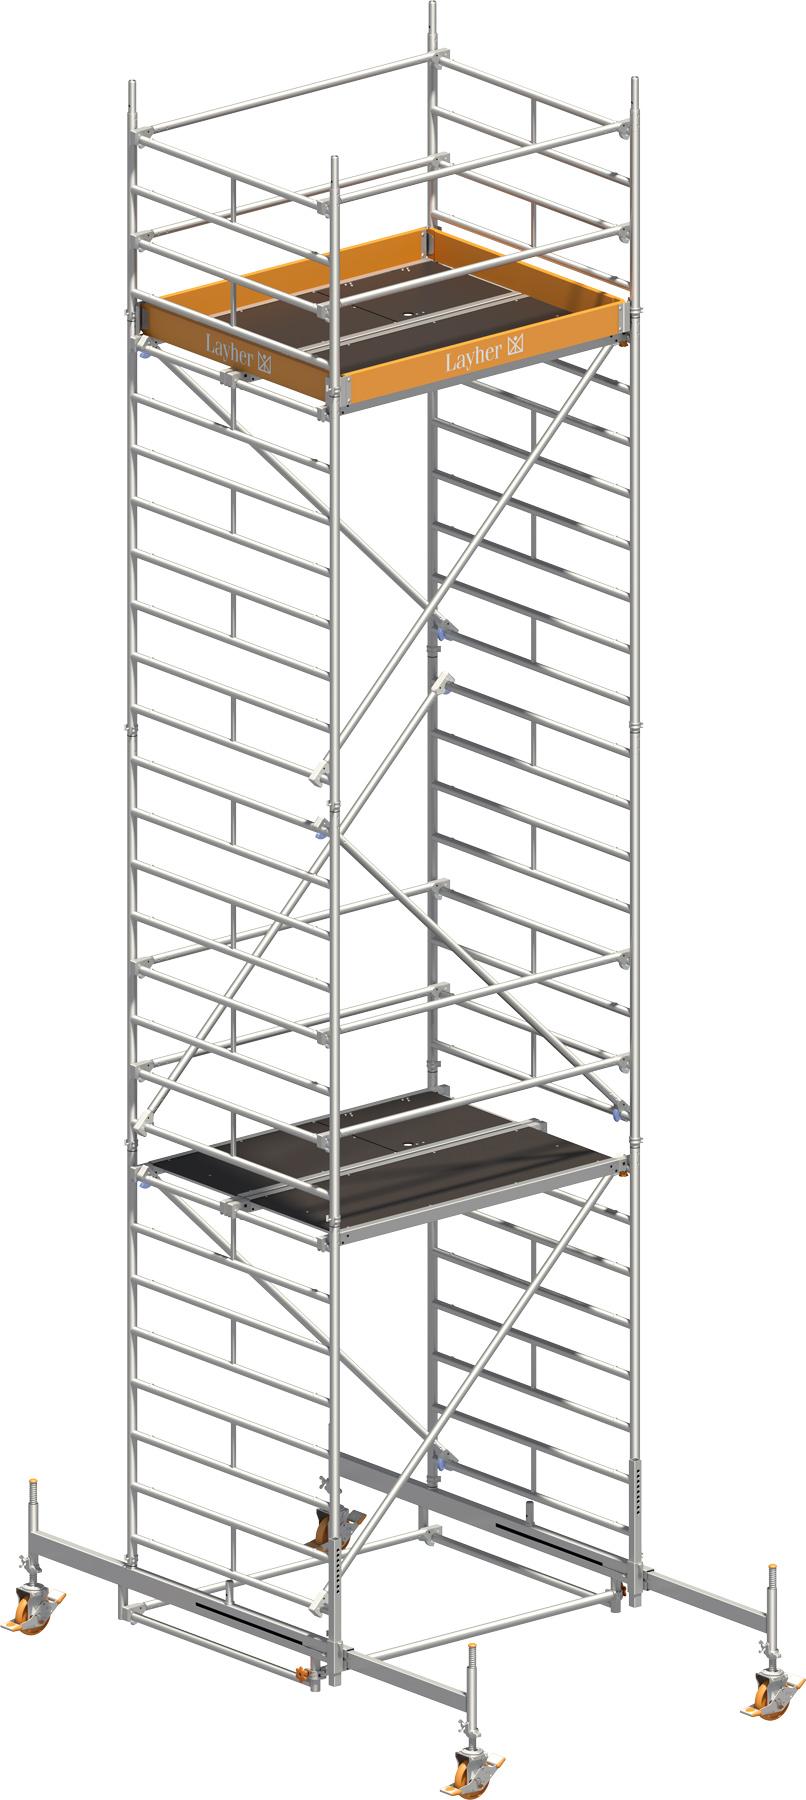 Fahrgerüst Layher Uni Kompakt 5006 mit Geländer-Optimierung